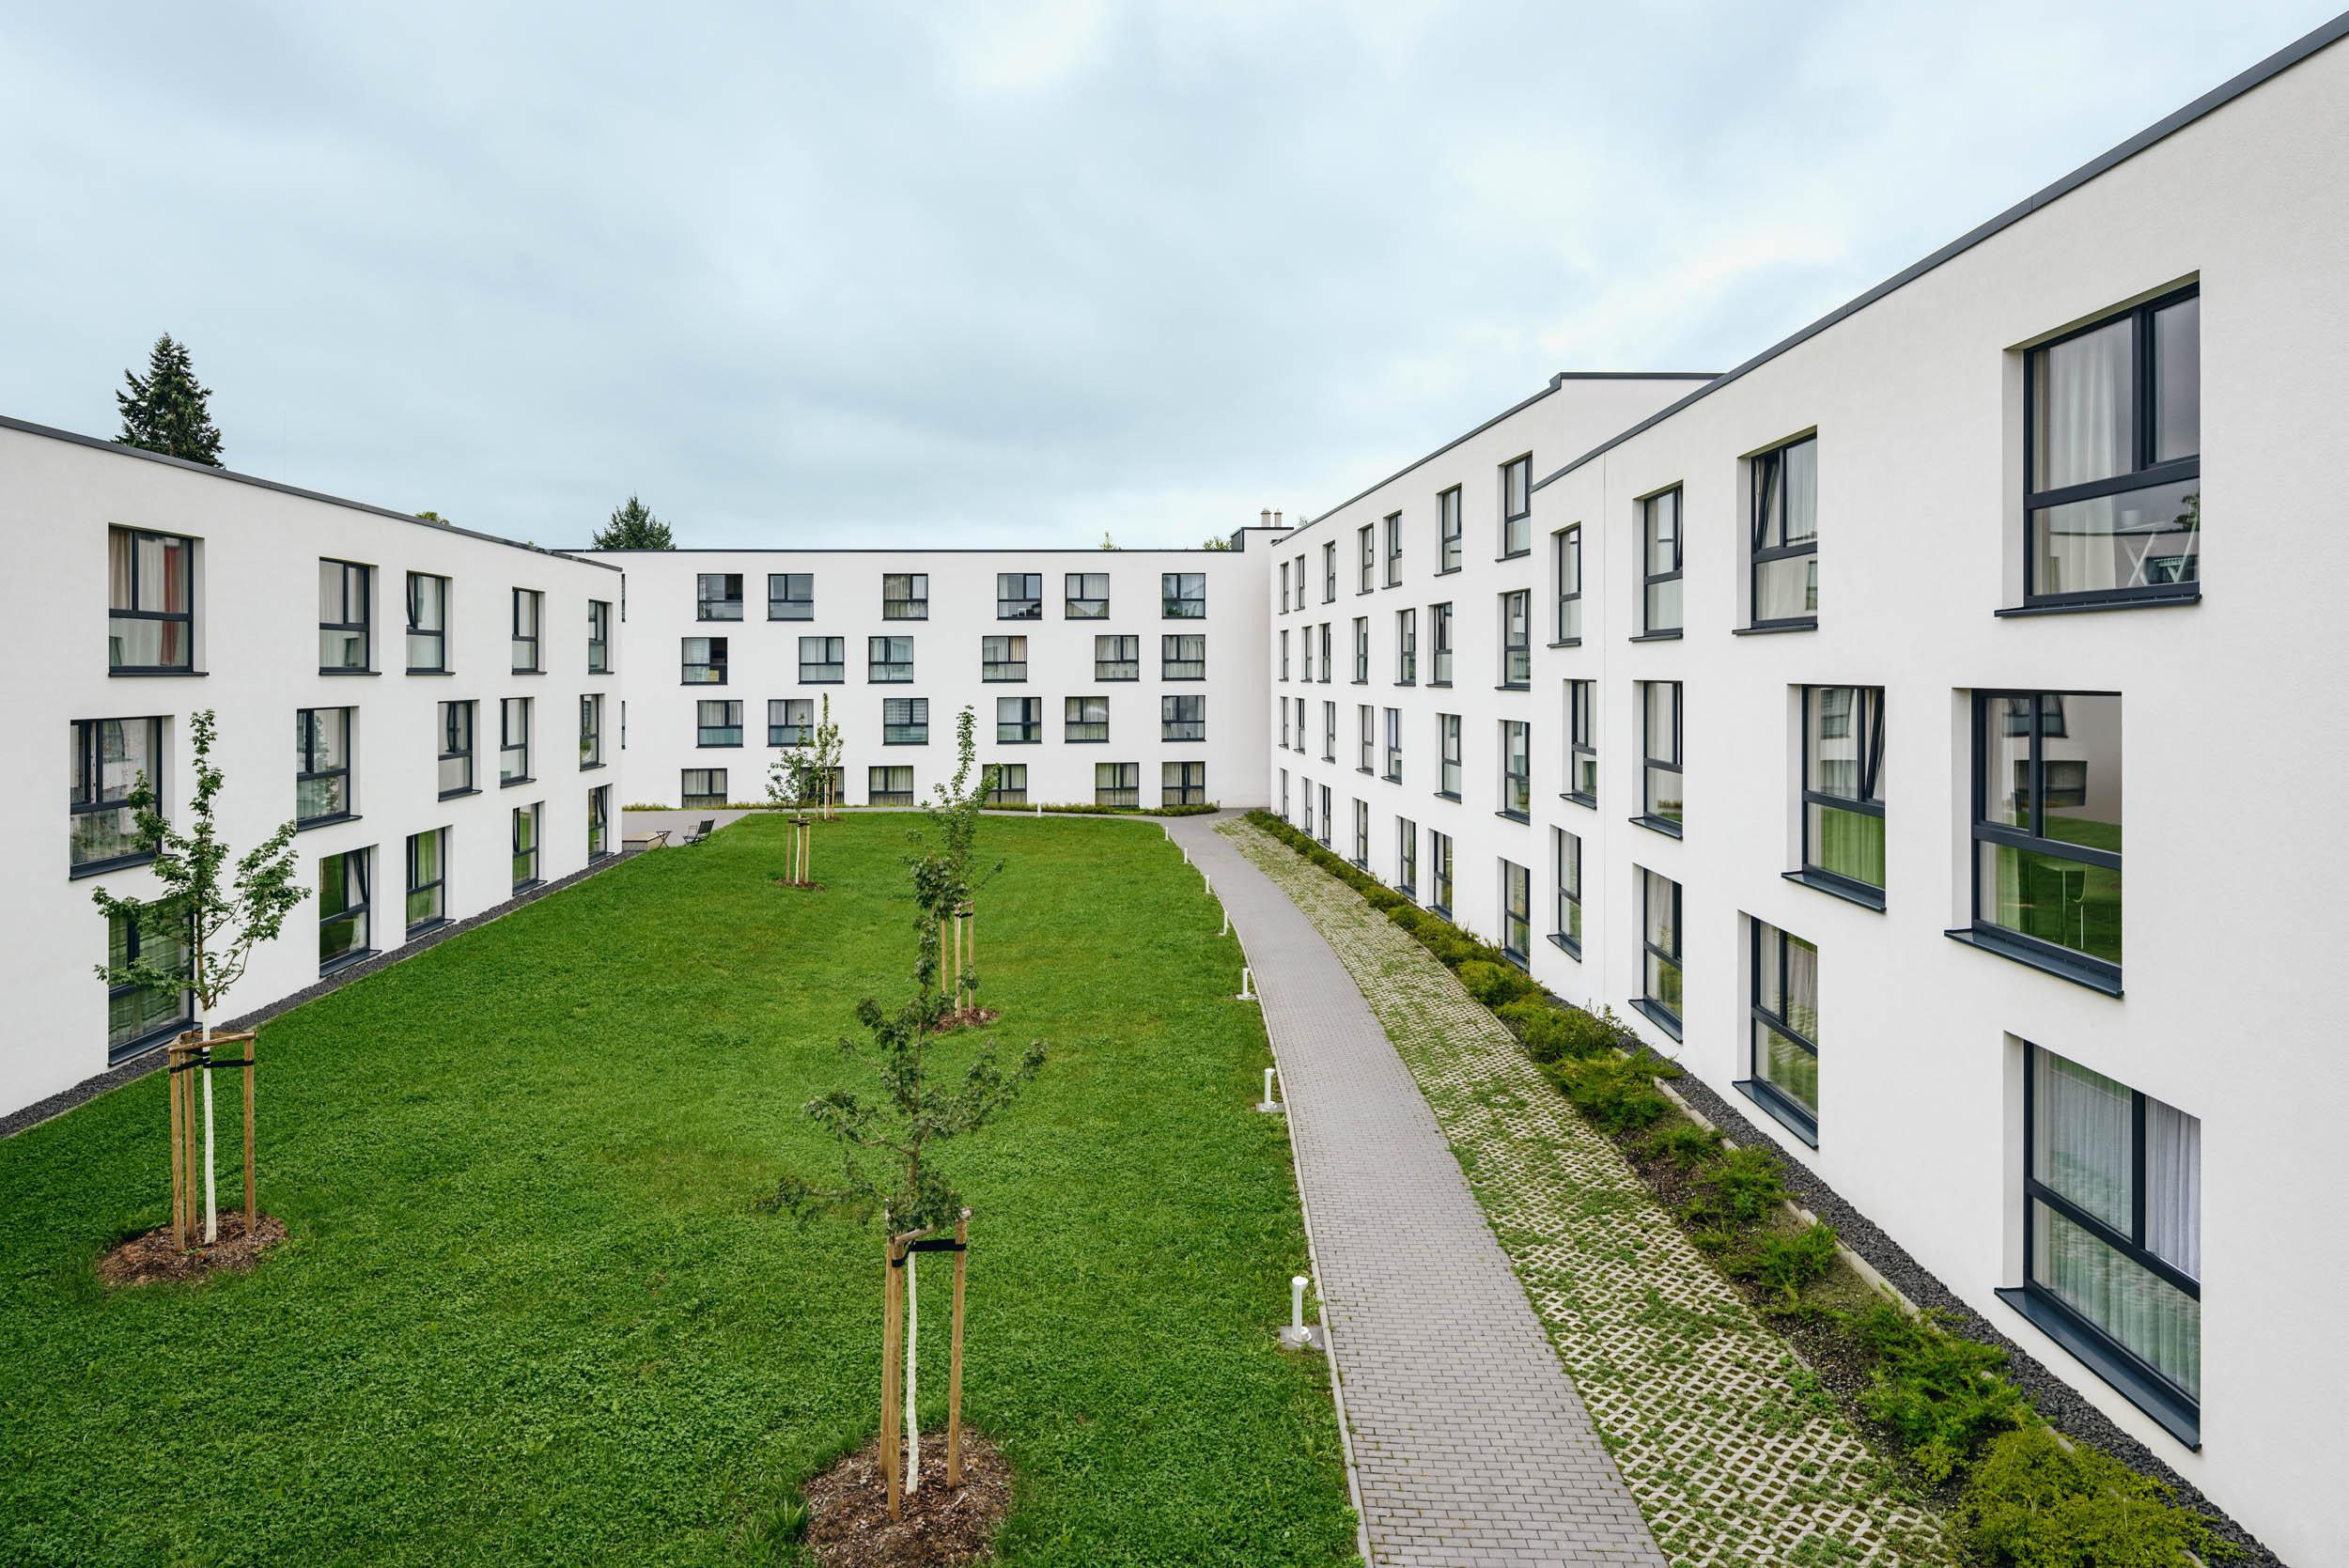 Gustav-Epple-Bauunternehmung-bayreuth-studentenwohnheim-youniq-Bayreuth_MLX5599#00